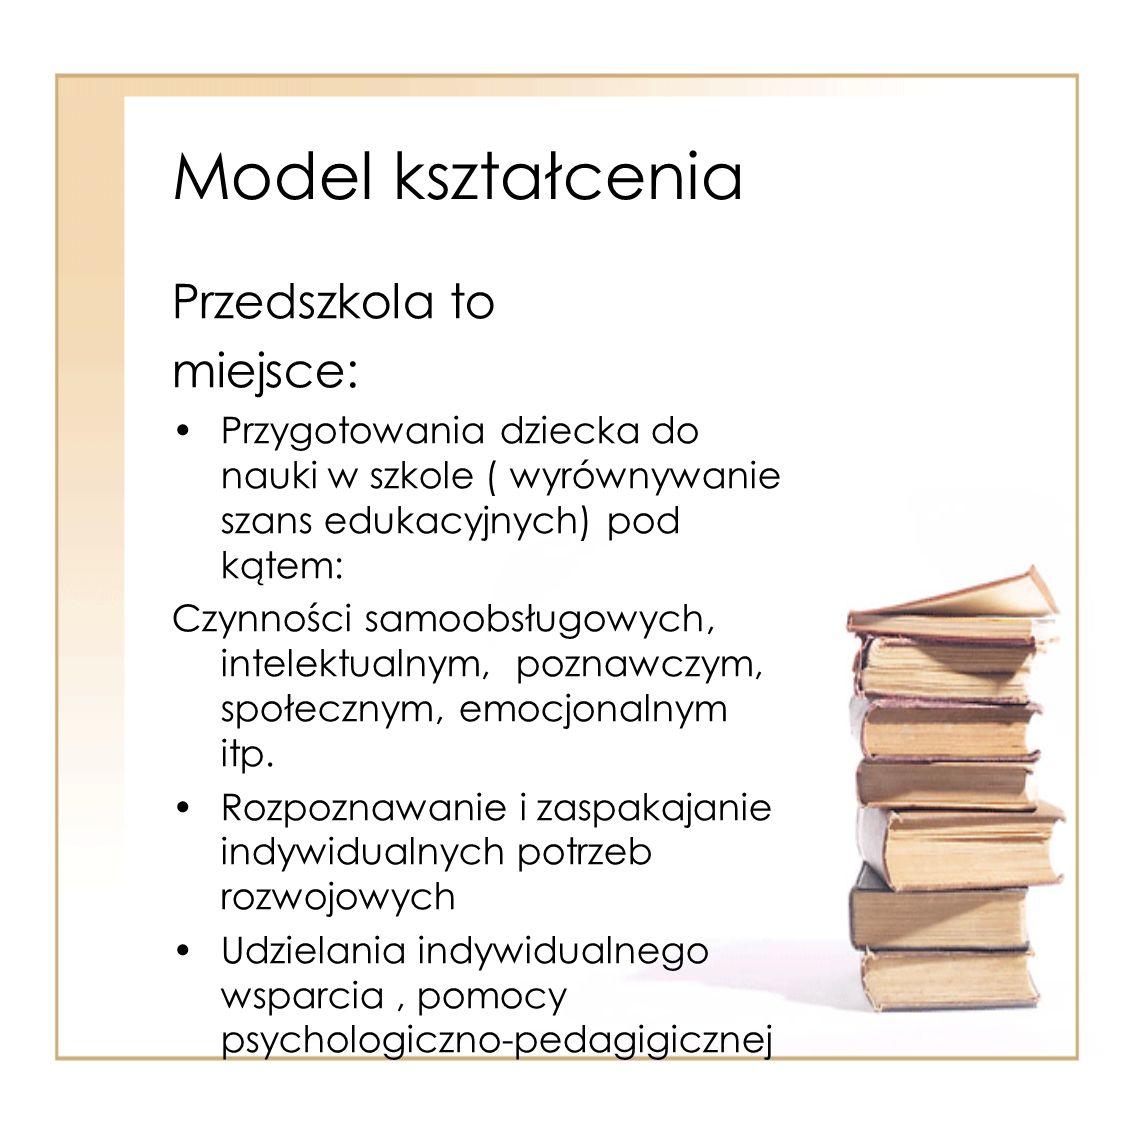 Model kształcenia Szkoła podstawowa to miejsce: rozpoznawania specyficznych trudności edukacyjnych rozpoznawania predyspozycji i uzdolnień udzielania indywidualnego wsparcia